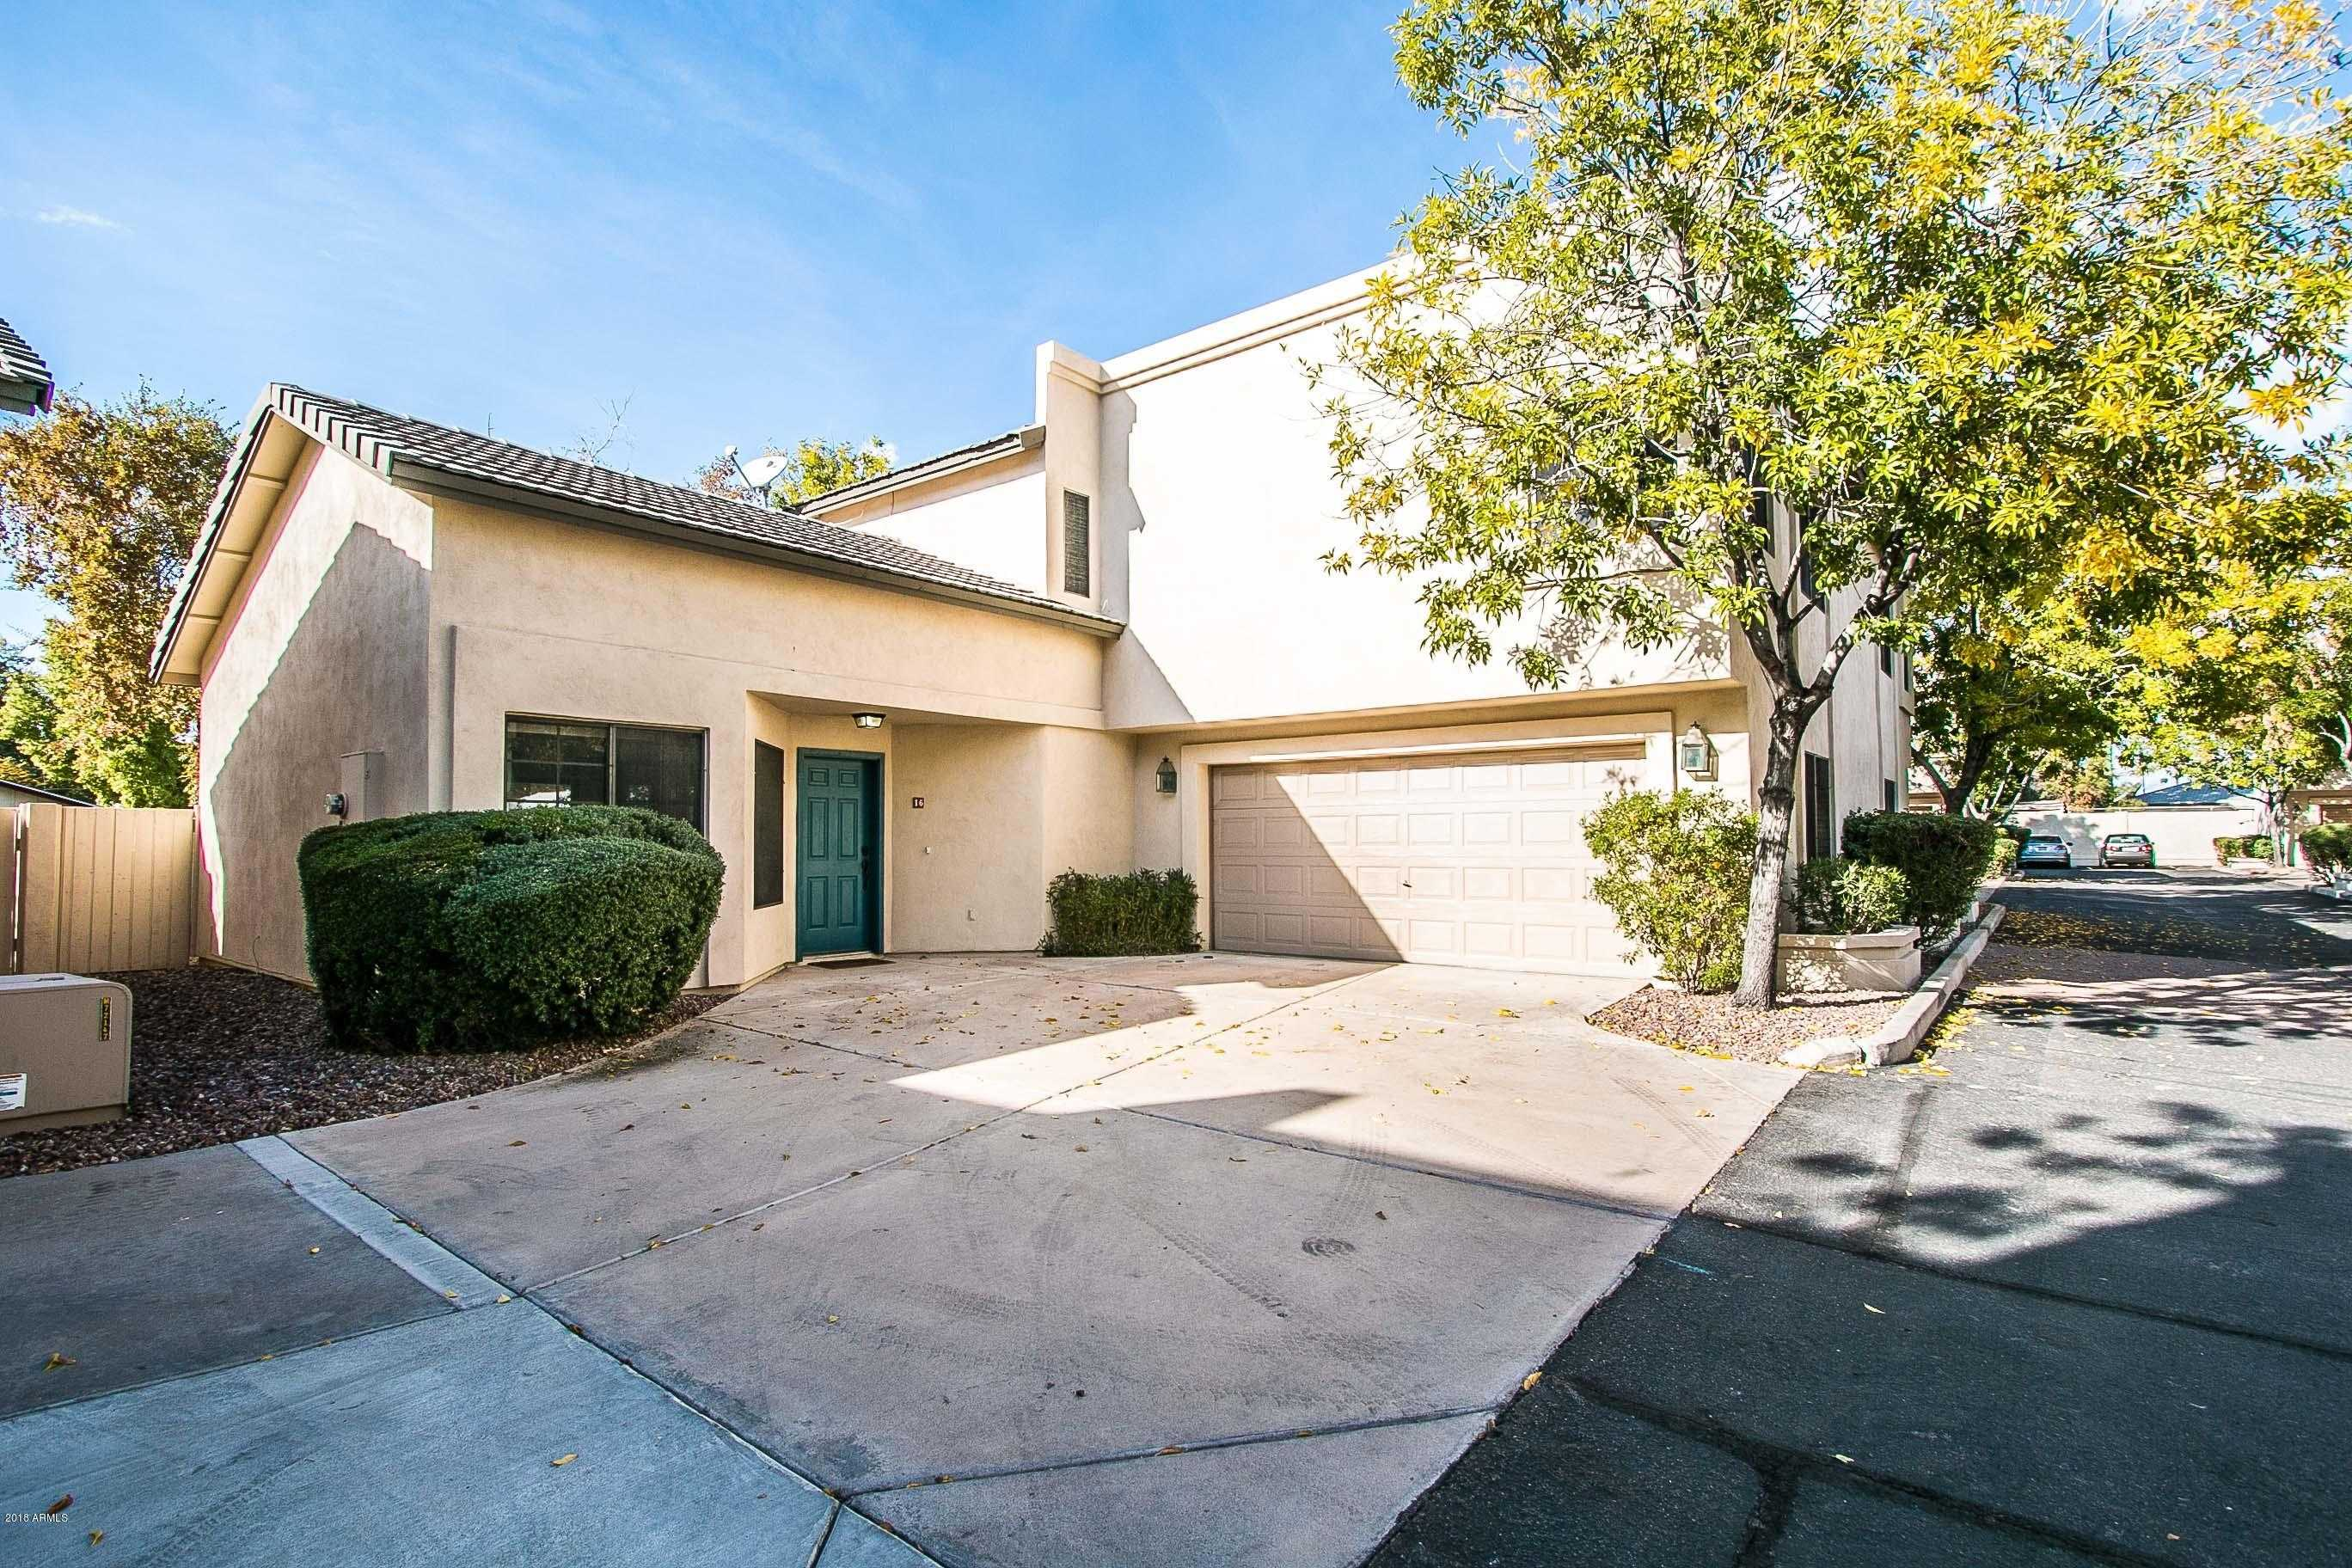 $397,900 - 3Br/3Ba -  for Sale in Rose Lane Estates Condominium Replat, Phoenix